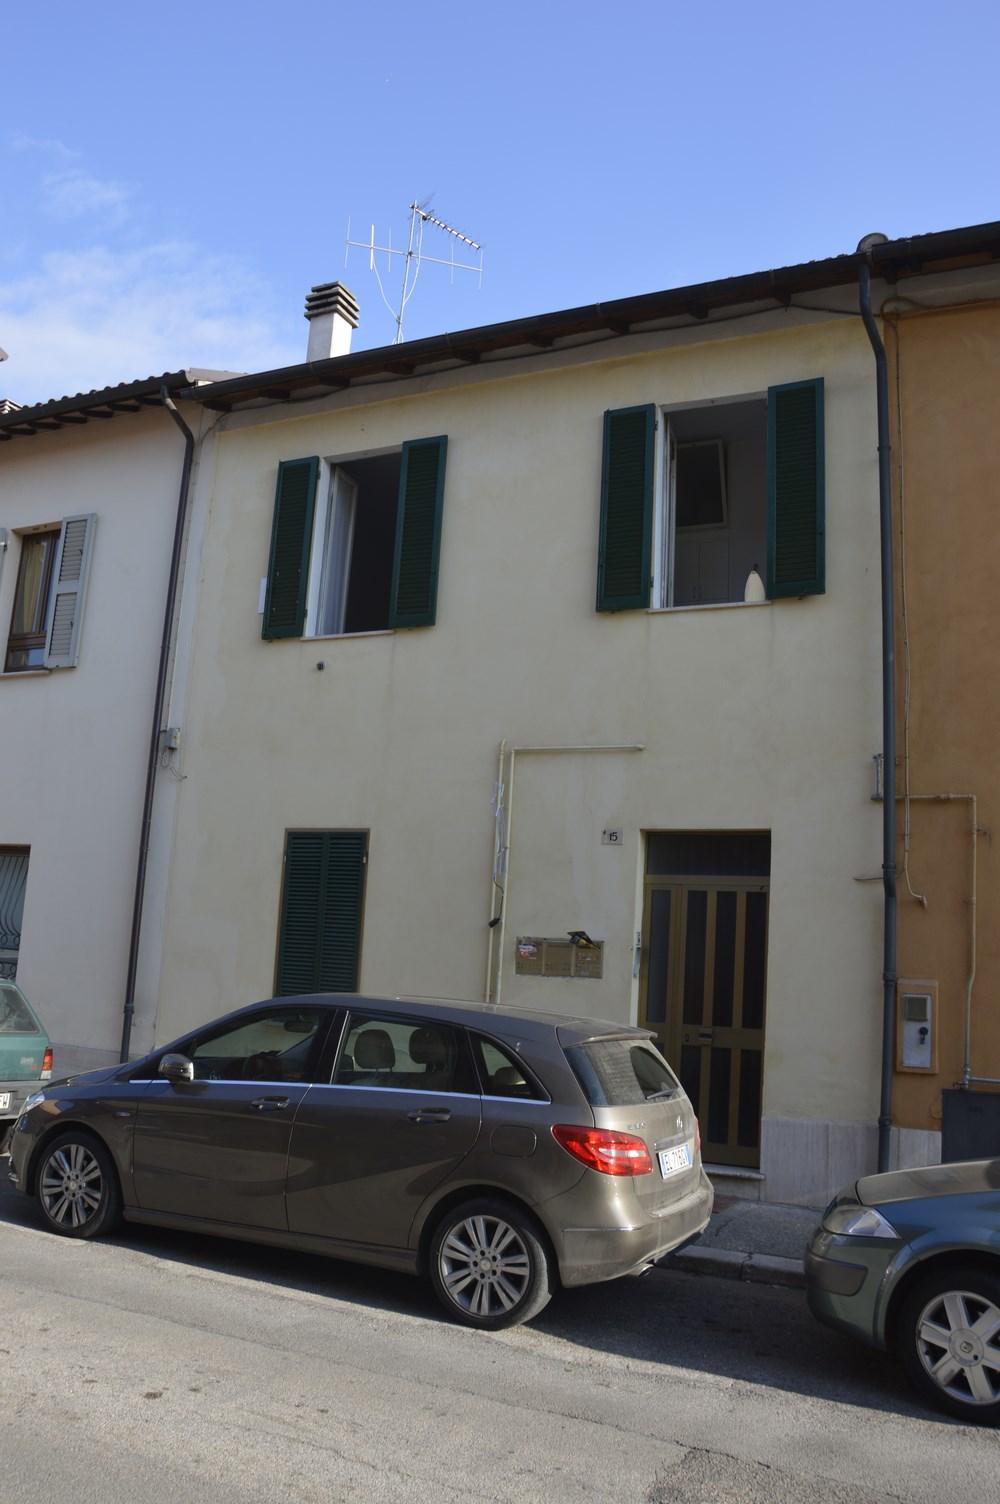 Appartamento in vendita a Terni, 2 locali, zona Zona: Centro, prezzo € 27.000 | Cambio Casa.it